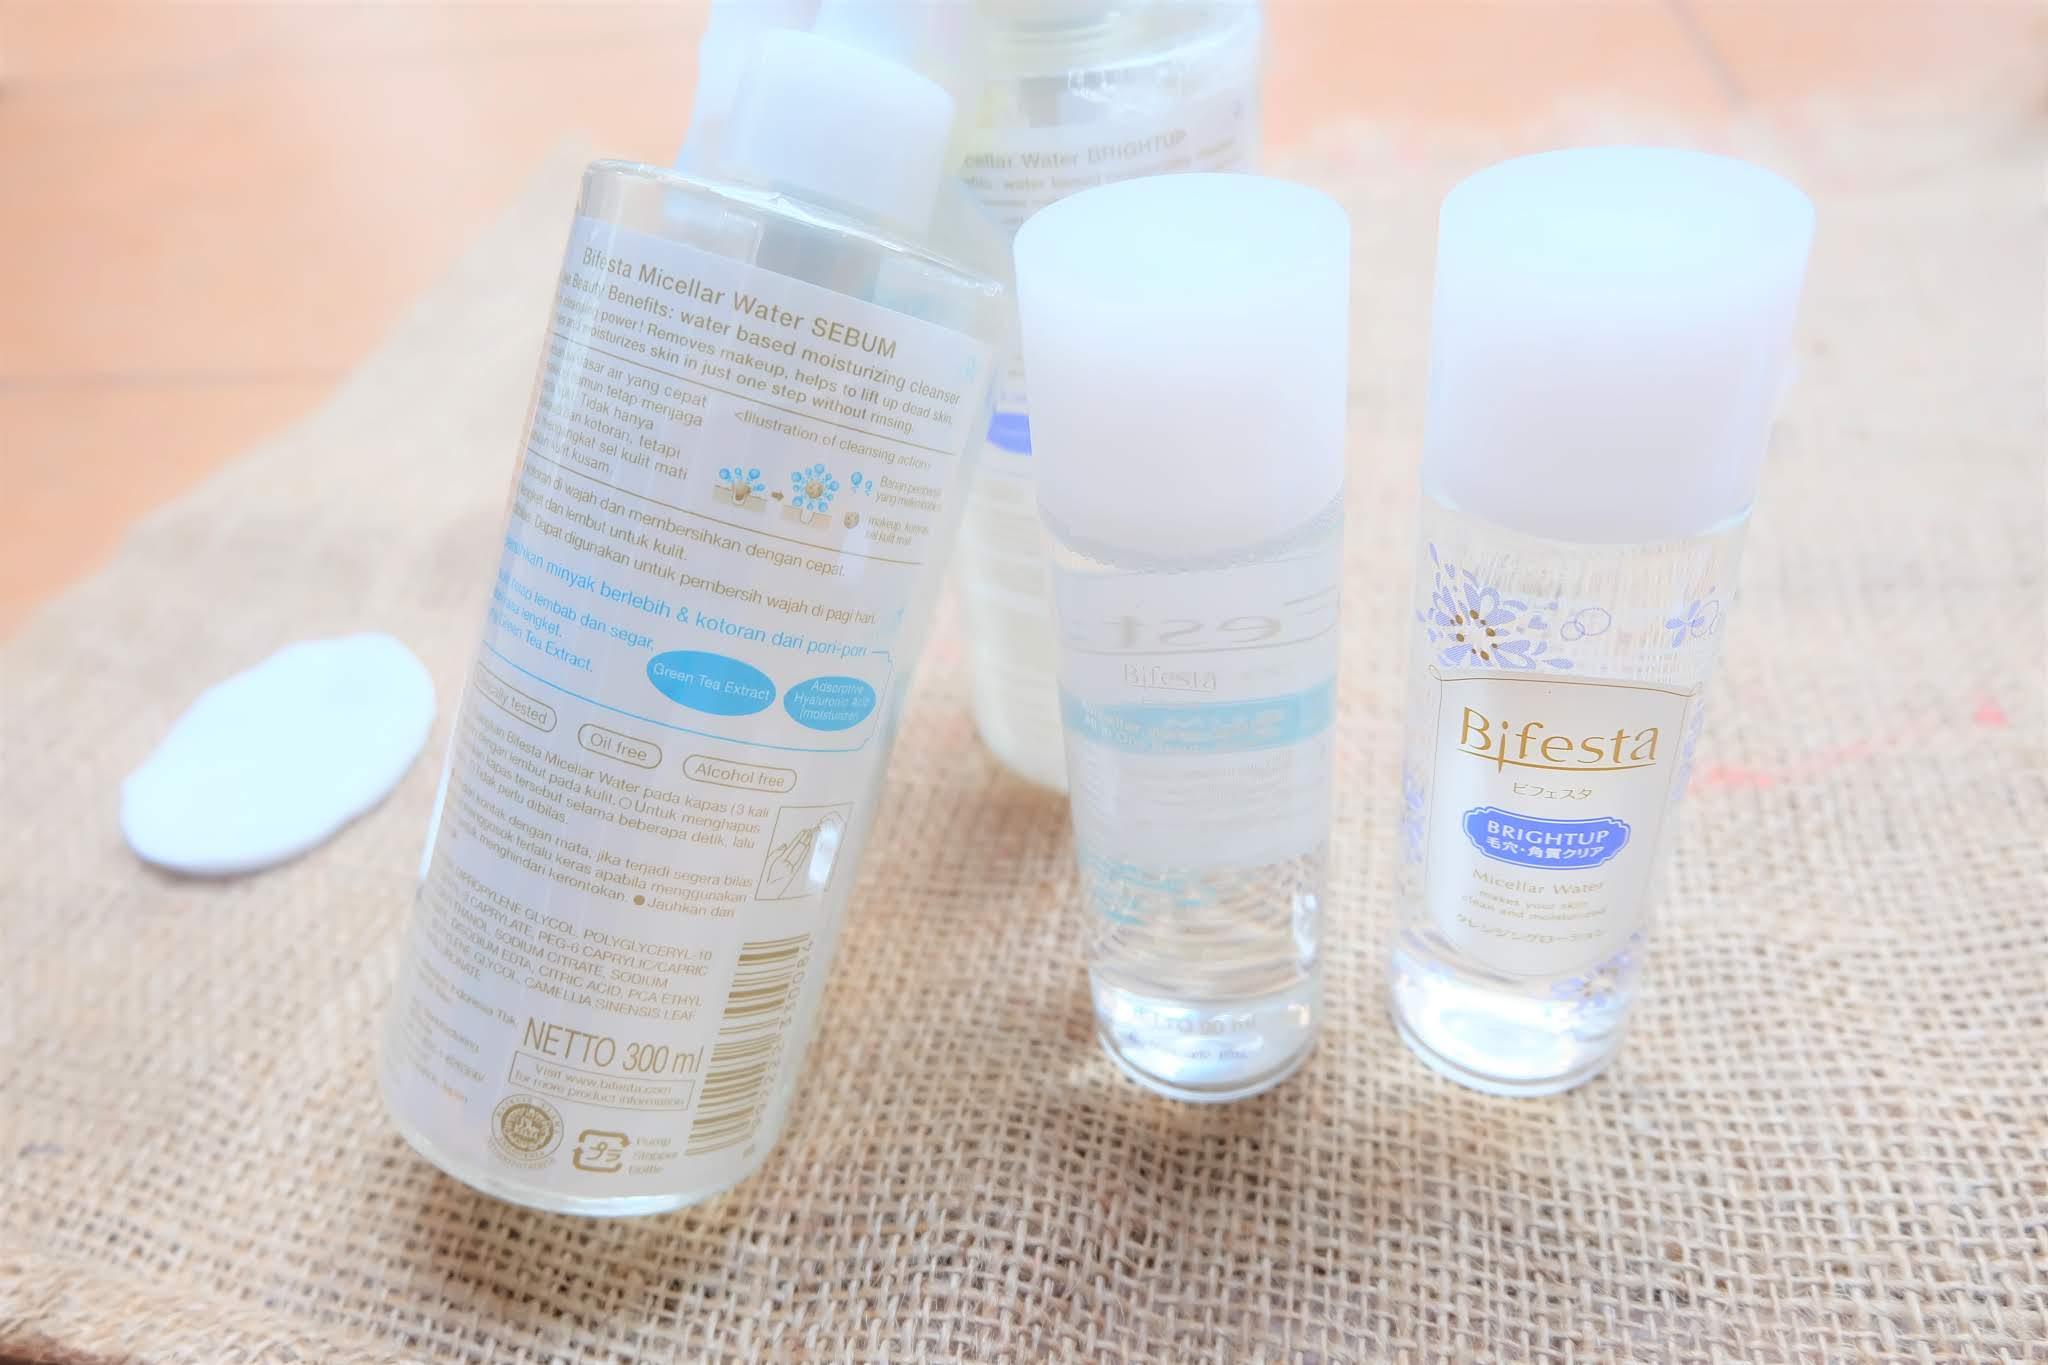 Review: Bifesta Micellar Water Brightup dan Sebum